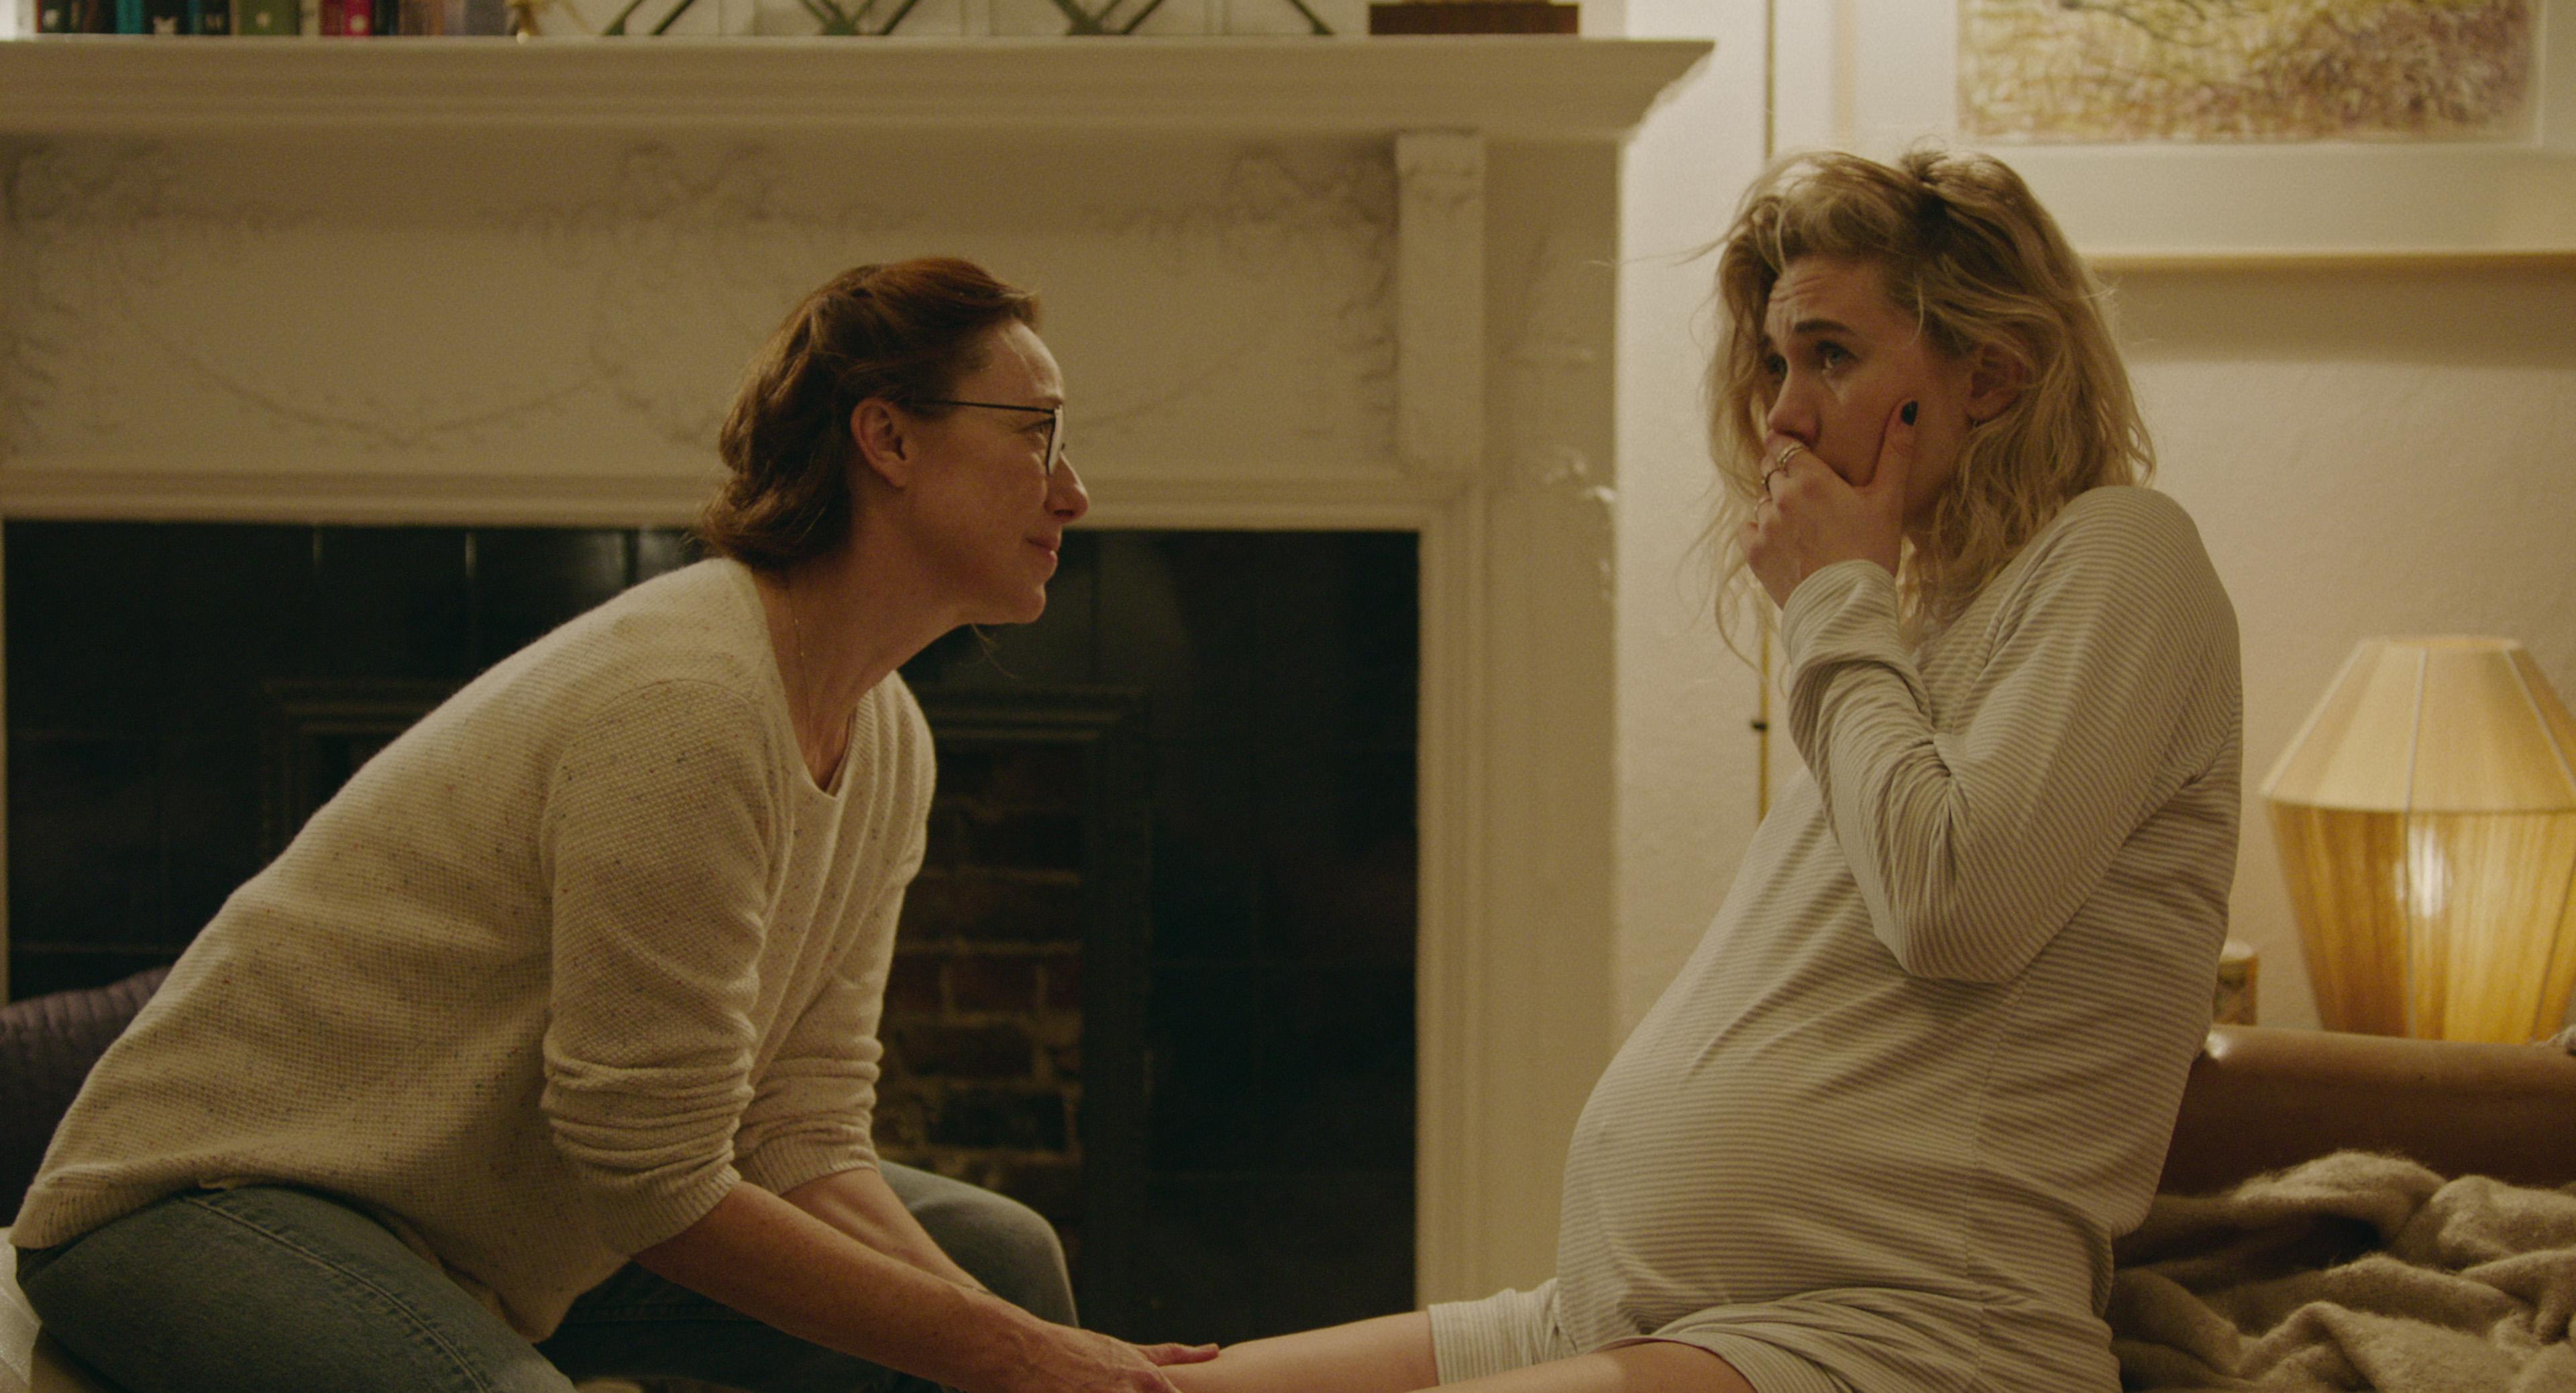 Duas mulheres sentadas olham uma para outra. Uma delas está grávida e com a mão na boca.